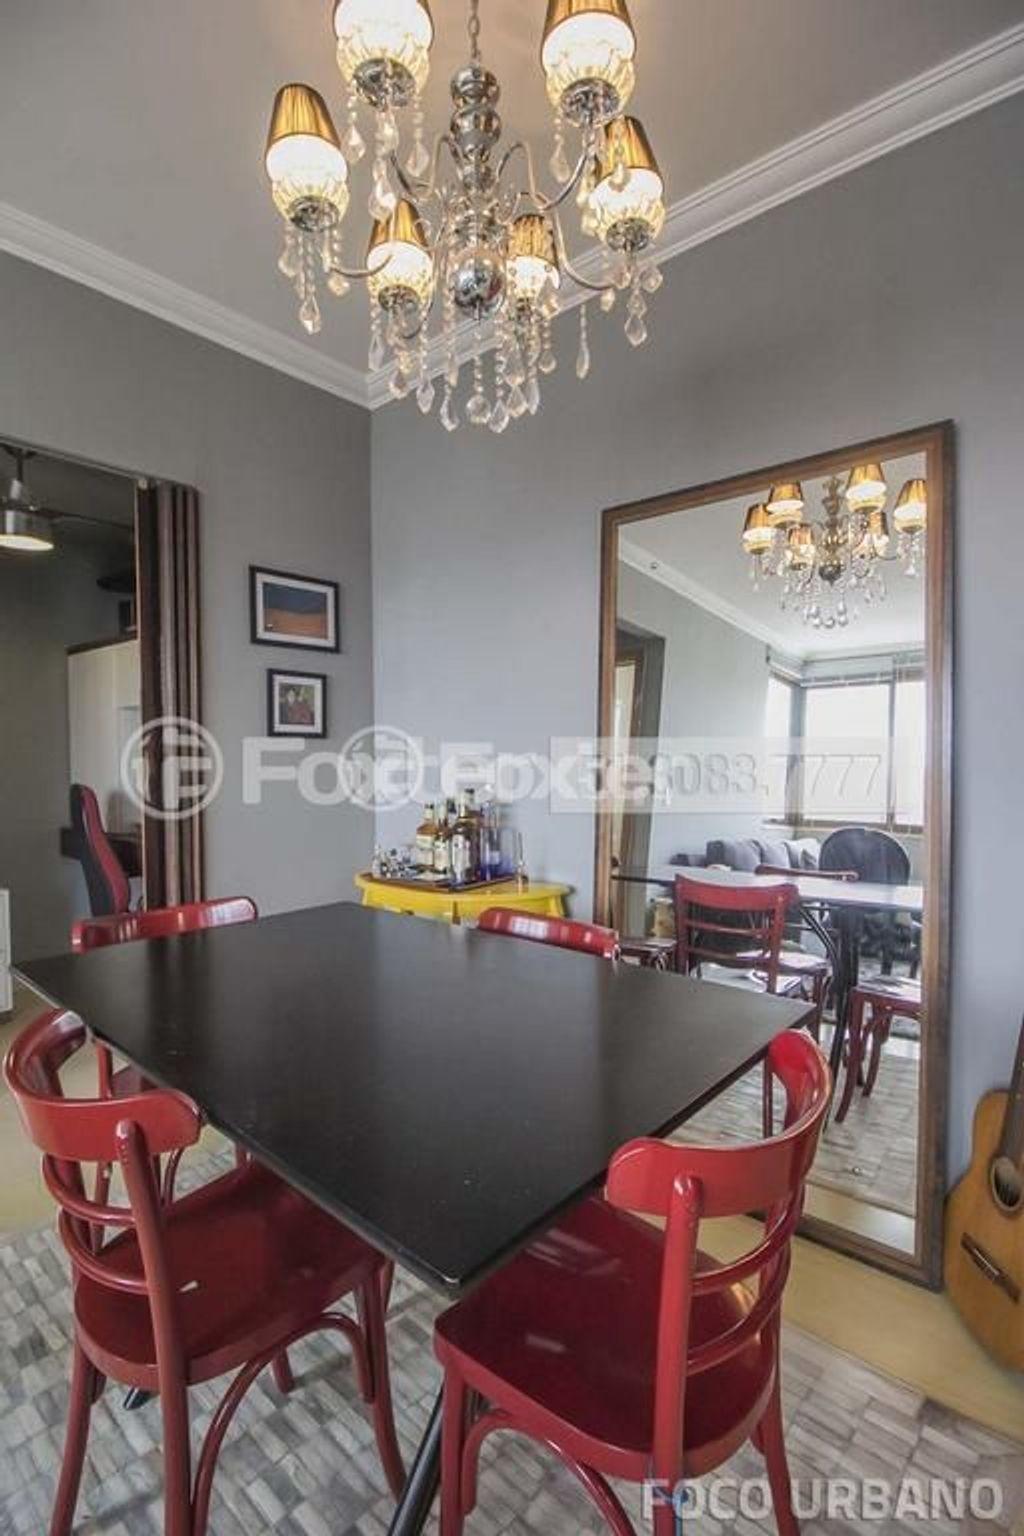 Foxter Imobiliária - Apto 1 Dorm, Cidade Baixa - Foto 14